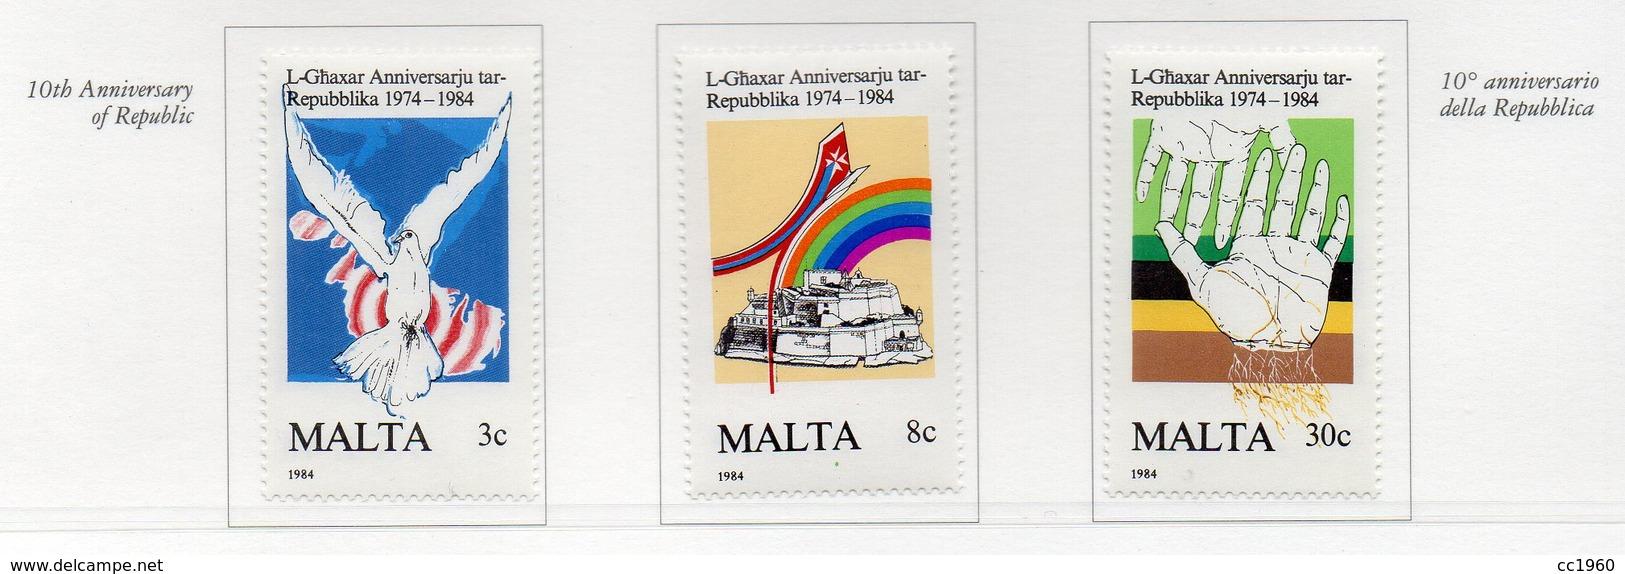 Malta - 1984 - 10° Anniversario Della Repubblica - 3 Valori - Nuovi - Vedi Foto - (FDC13885) - Malta